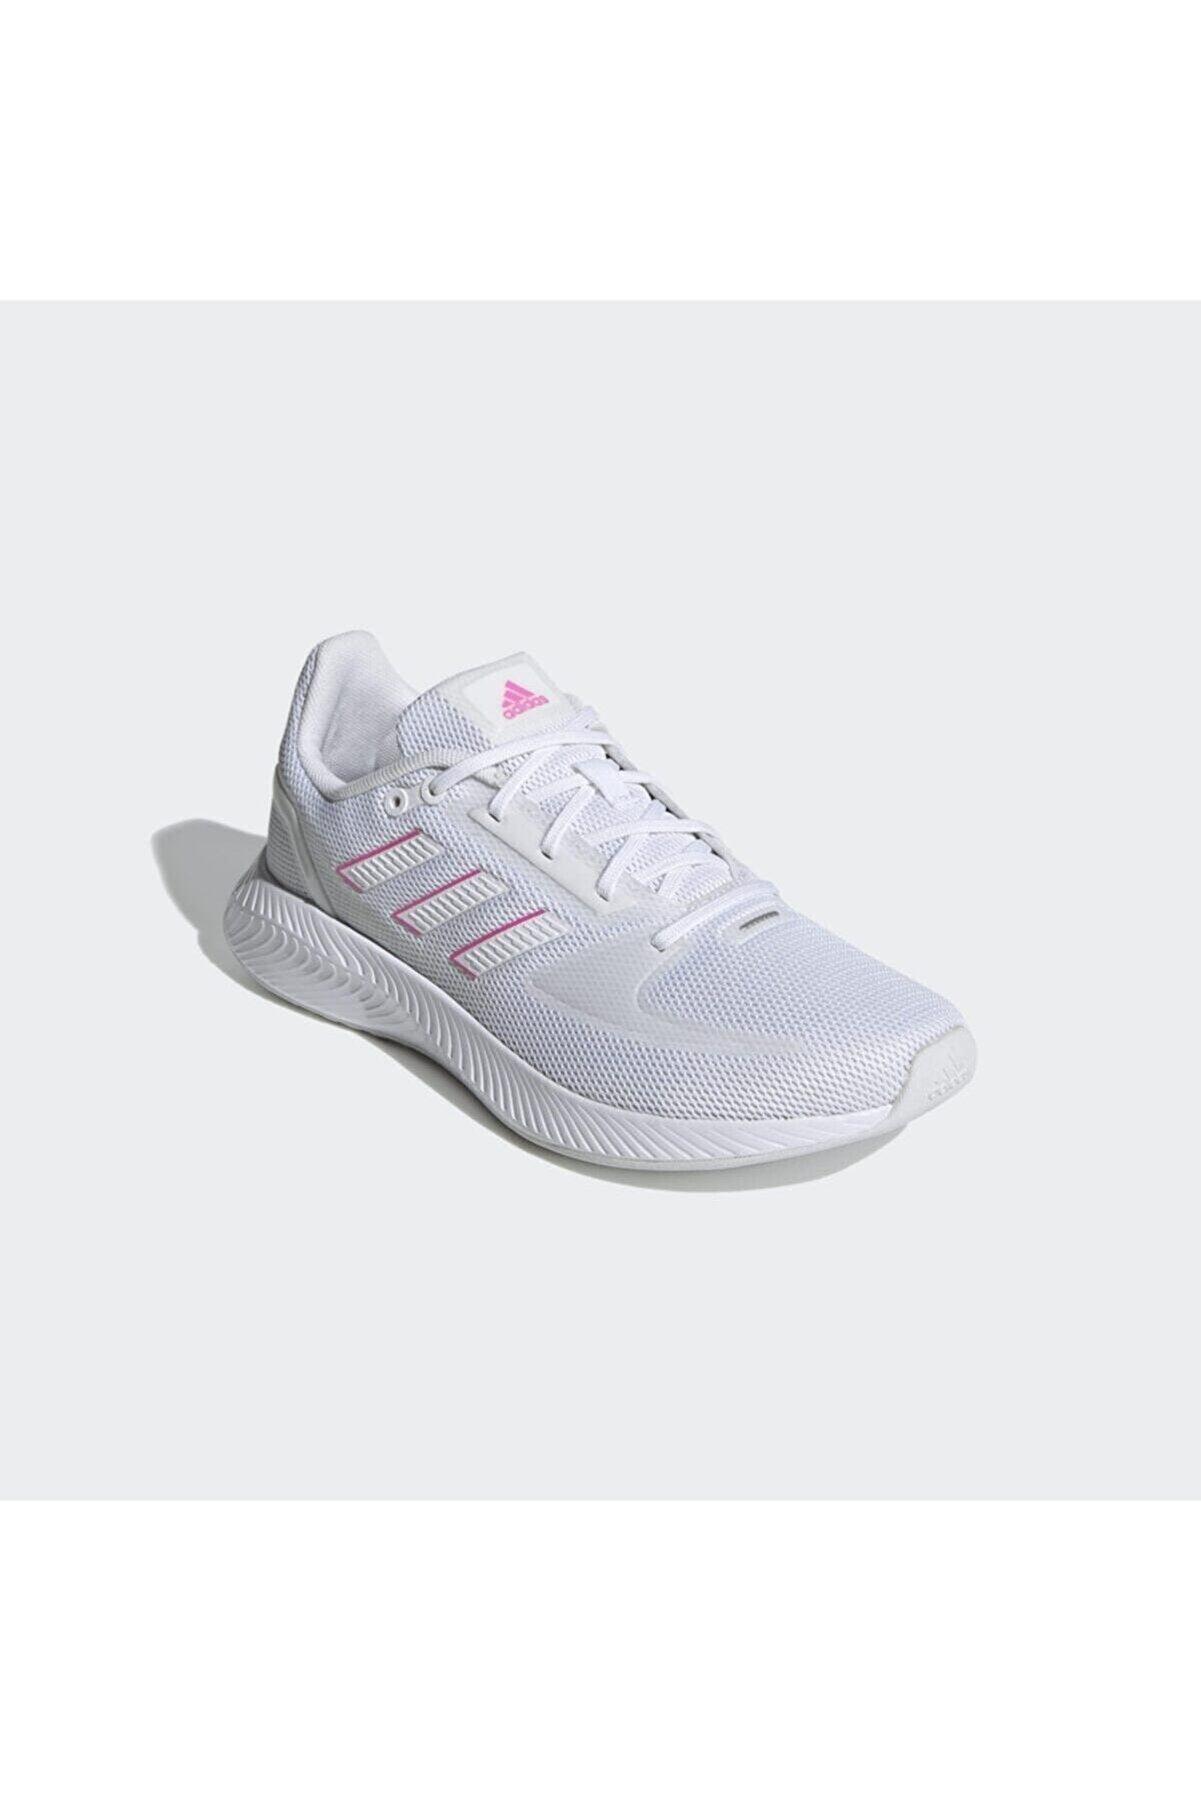 adidas RUNFALCON 2.0 Beyaz Kadın Koşu Ayakkabısı 101079827